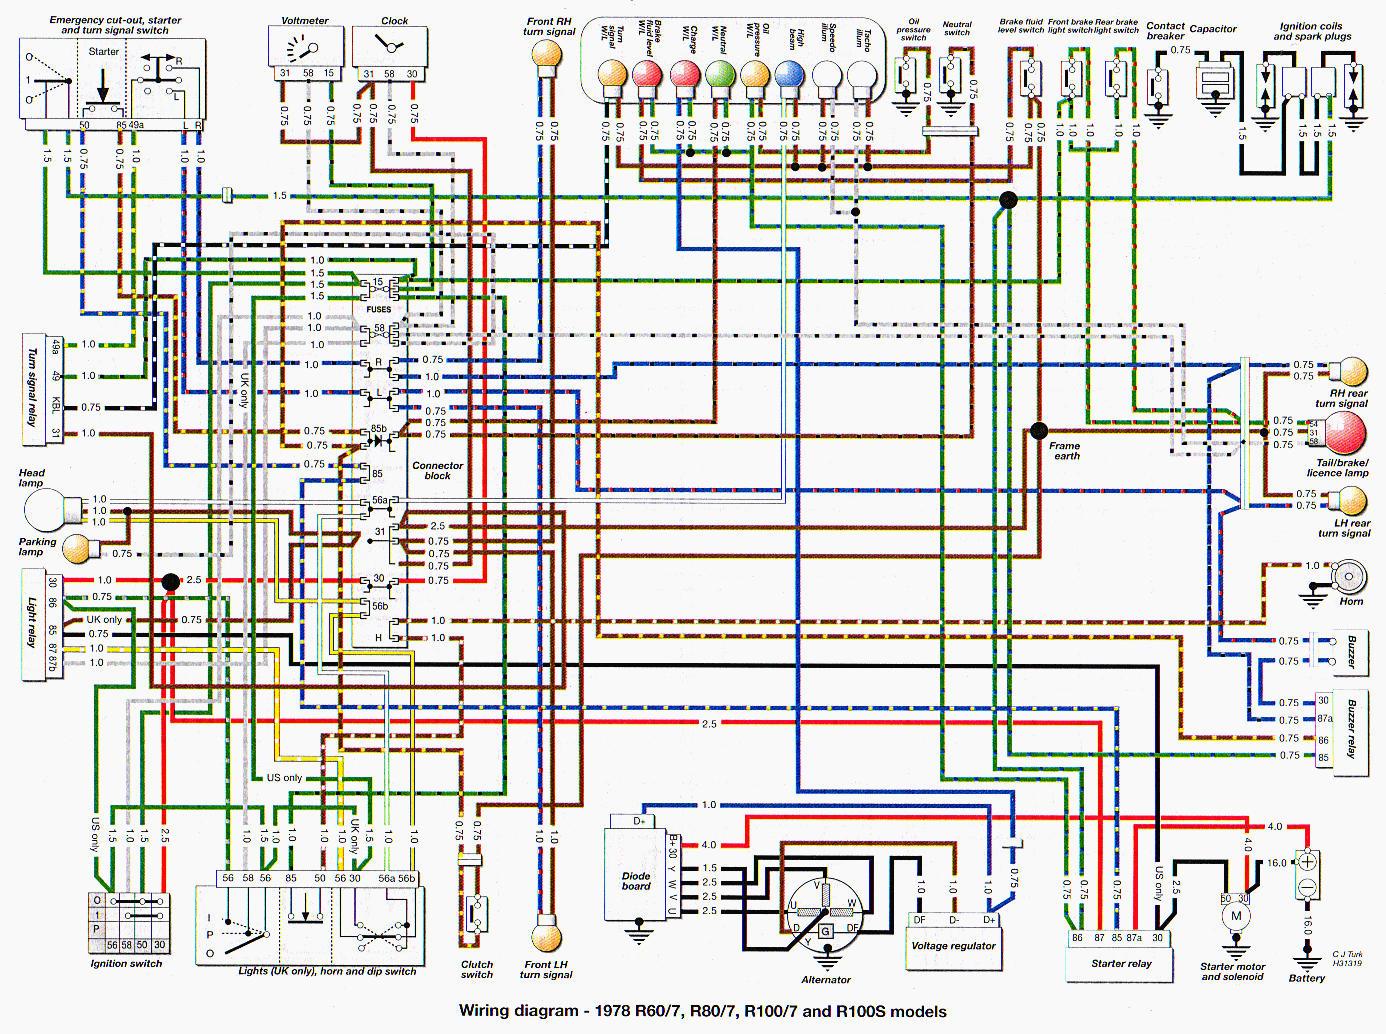 bosch e bike wiring diagram badland winch remote bmw r100 info  thiel org za